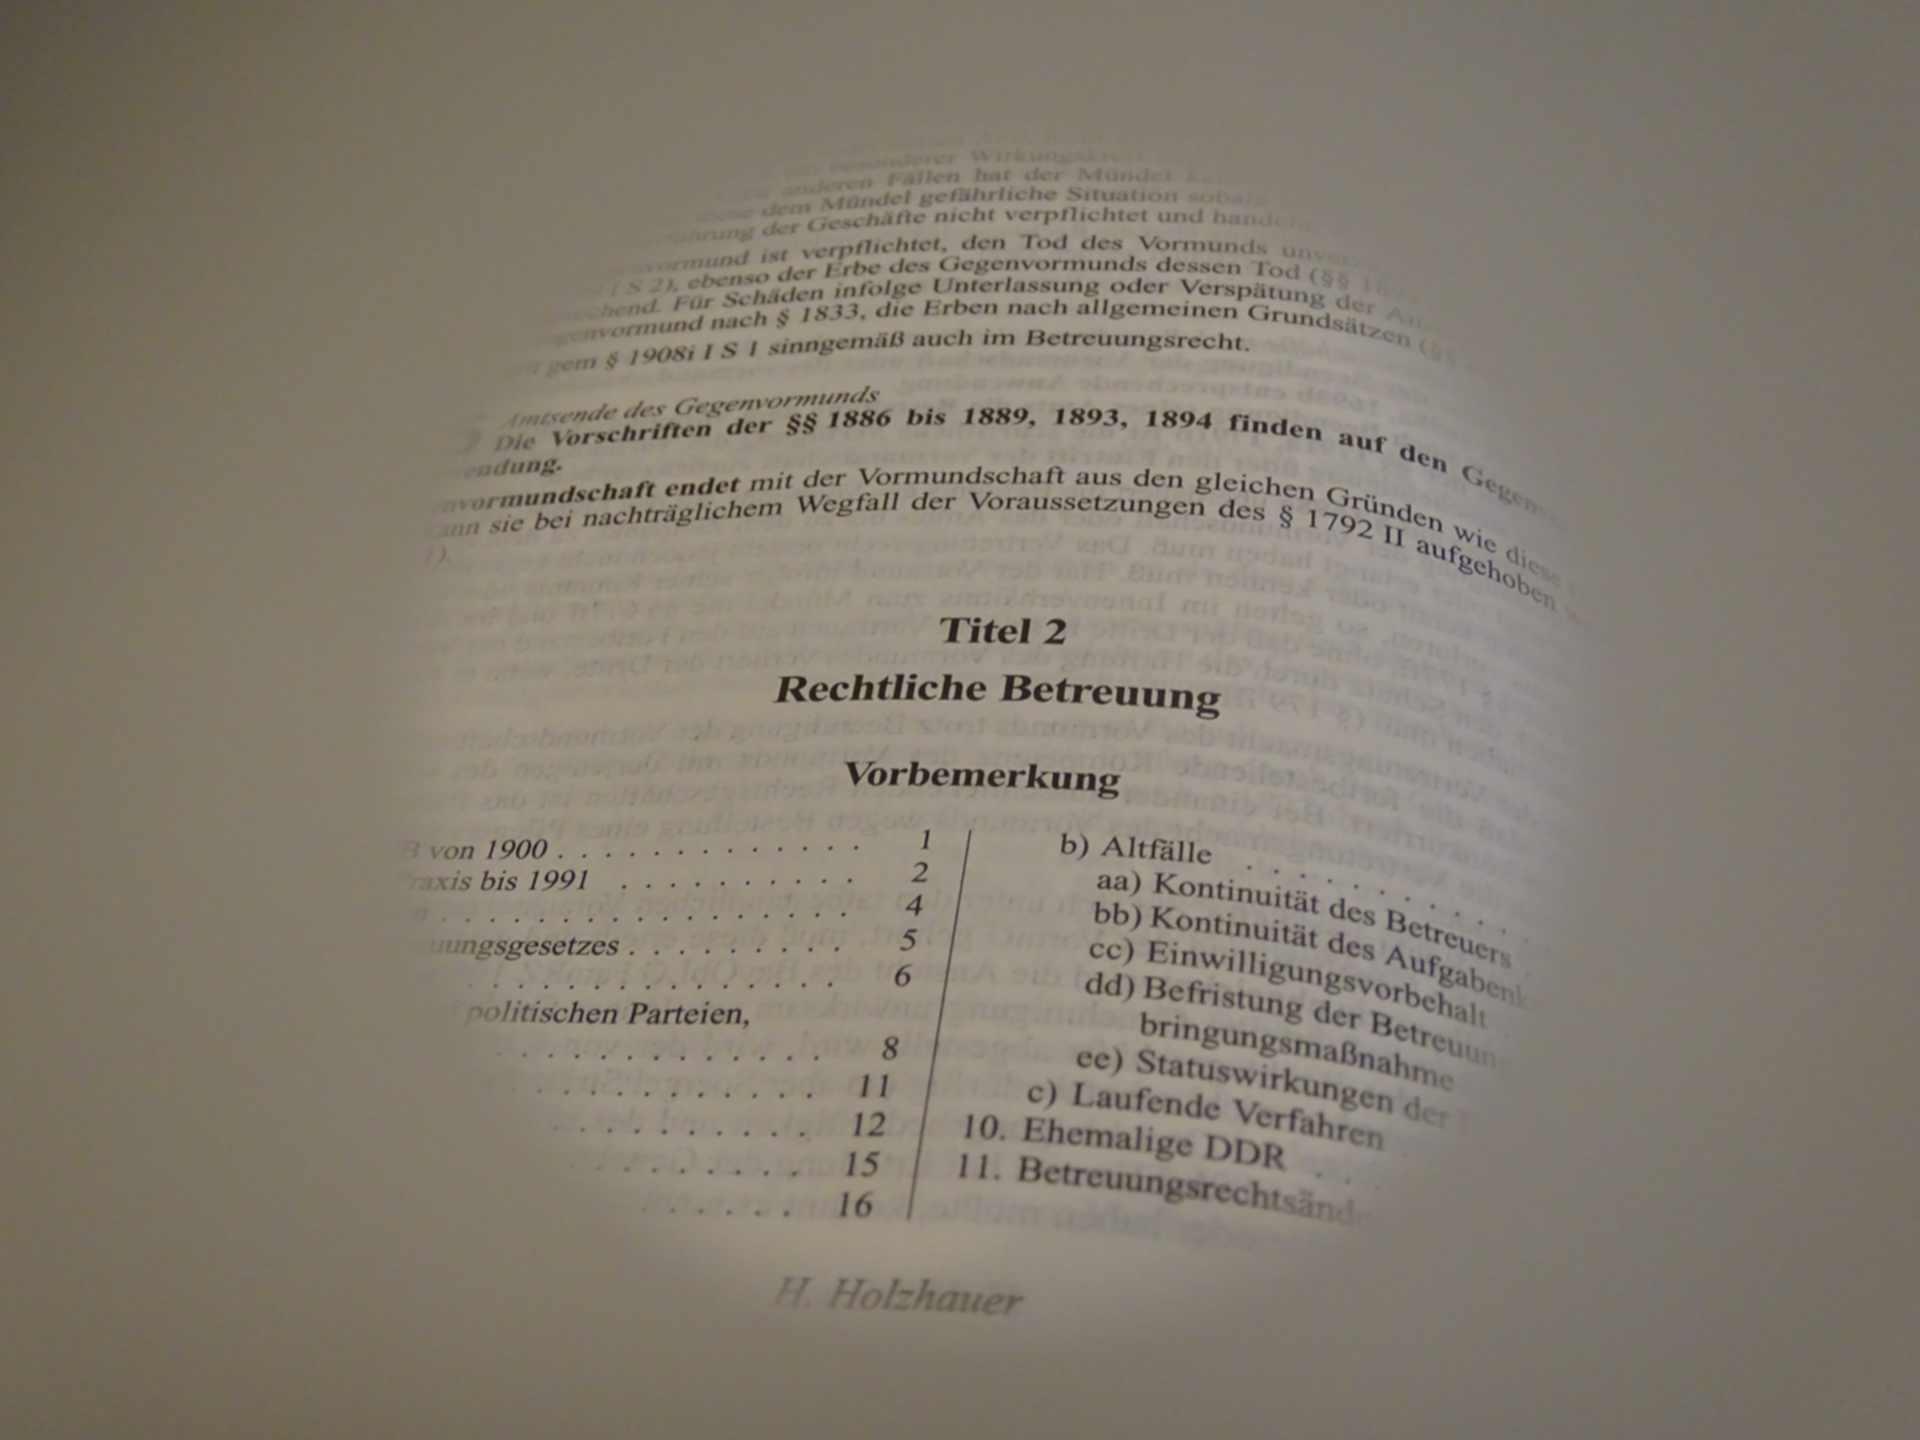 """Betreuung mit Einwilligungsvorbehalt für """"Rechtsangelegenheiten"""" - und die Prozessfähigkeit"""